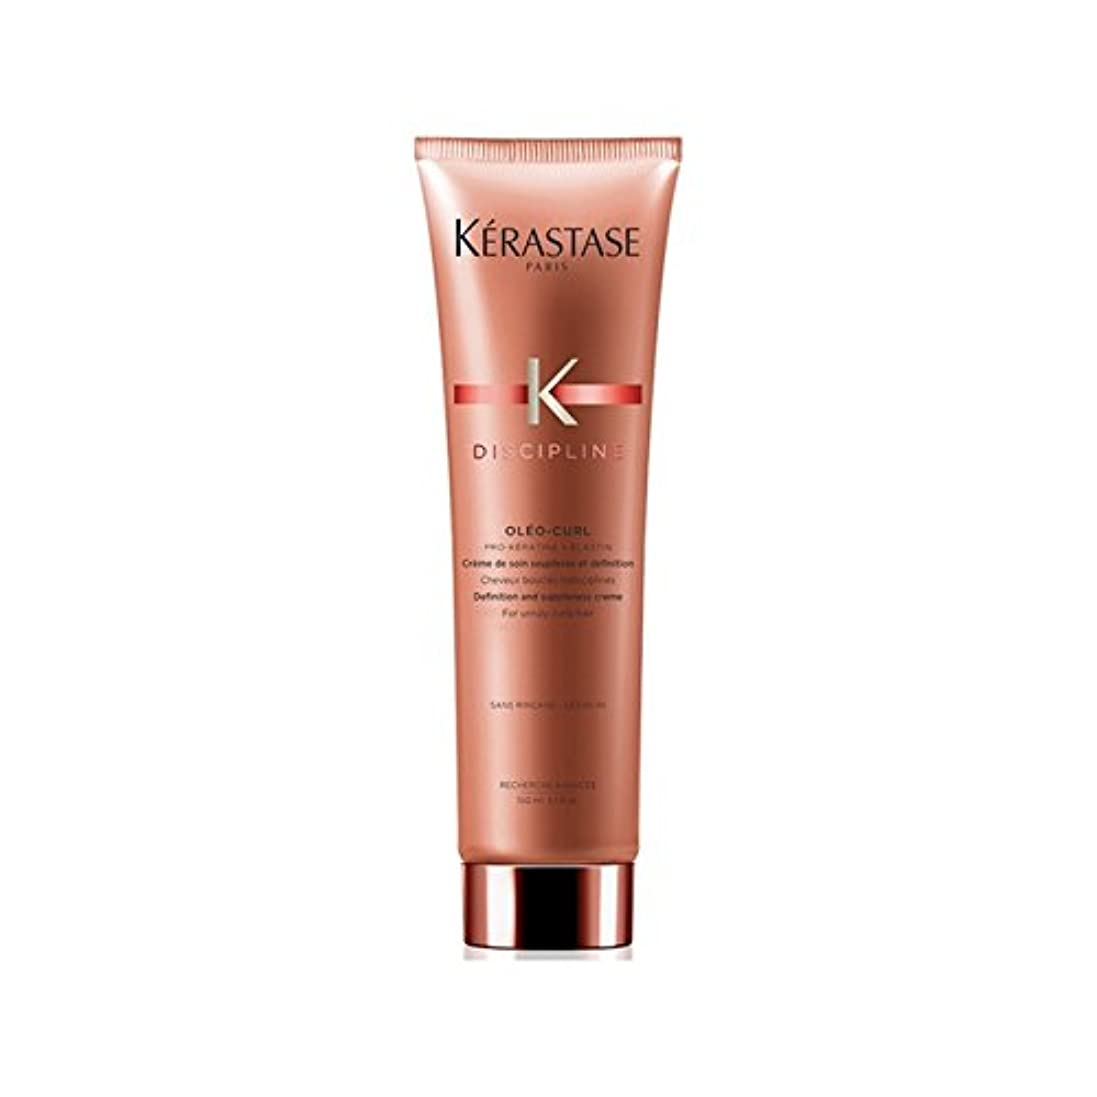 寸前アストロラーベ鰐理想的なクレンジングコンディショナー400ミリリットルカールケラスターゼの規律 x4 - K?rastase Discipline Curl Ideal Cleansing Conditioner 400ml (Pack...